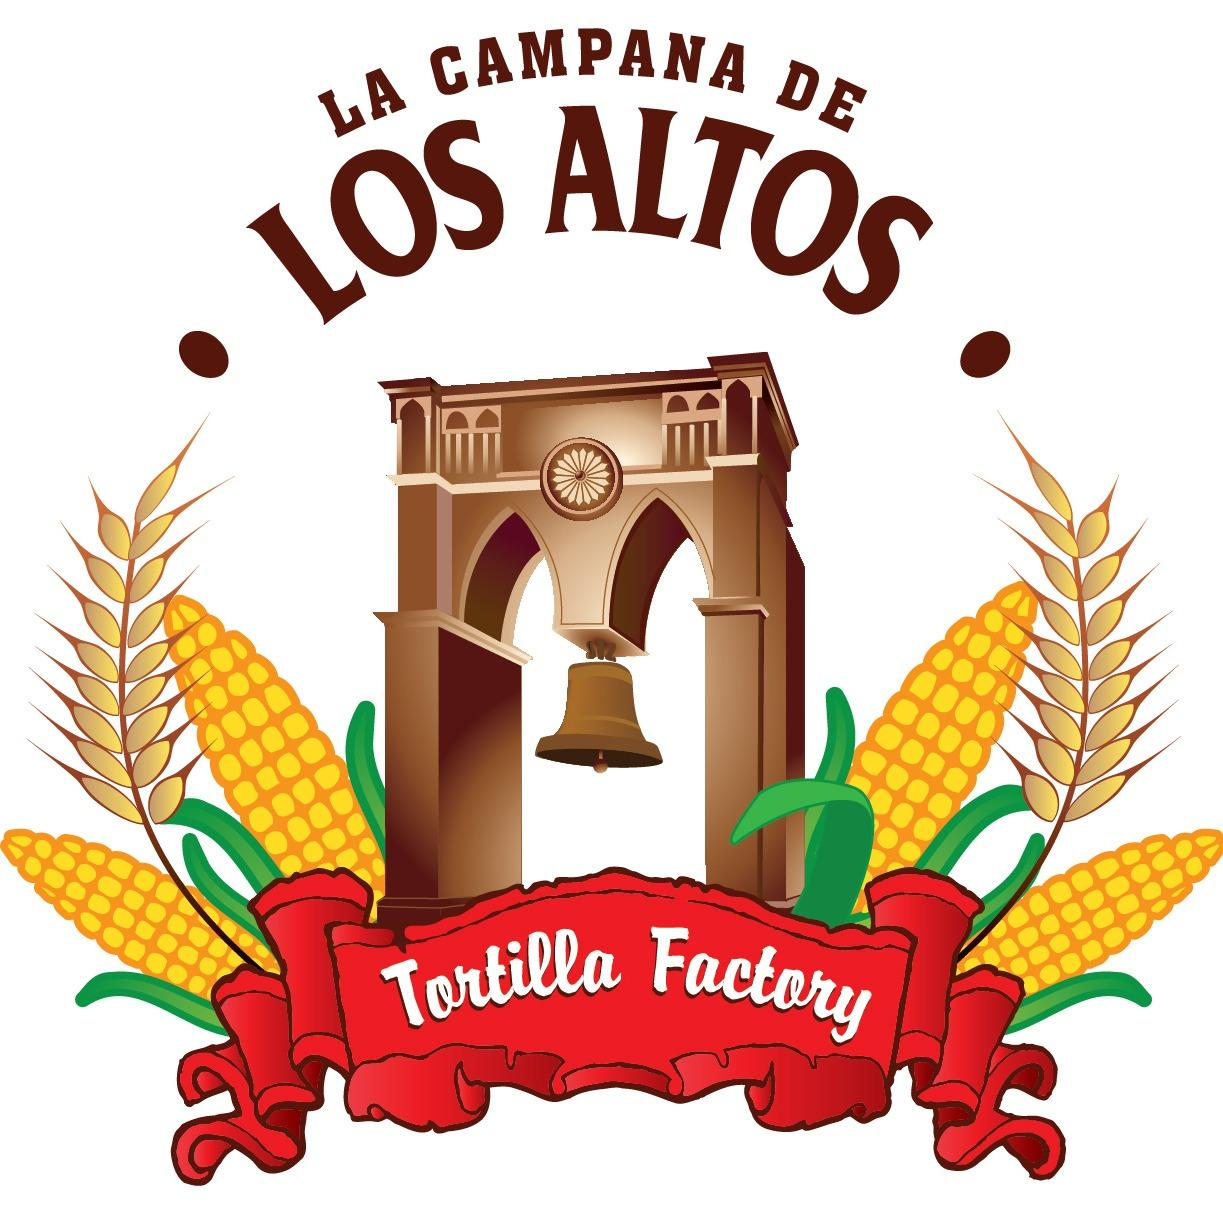 Los Altos Tortilla Factory